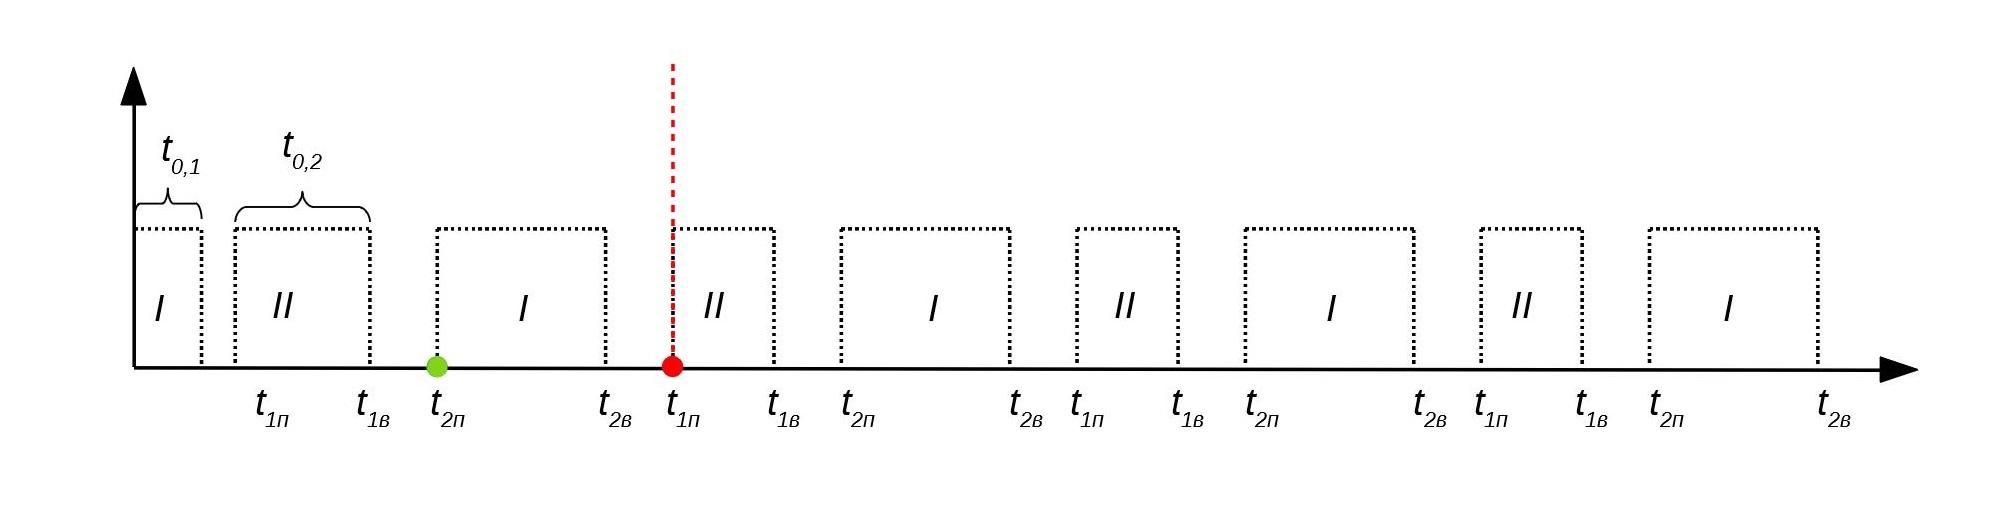 Логистика. Часть 1. Оптимизация авиасообщения по направлениям и формирование расписания - 92